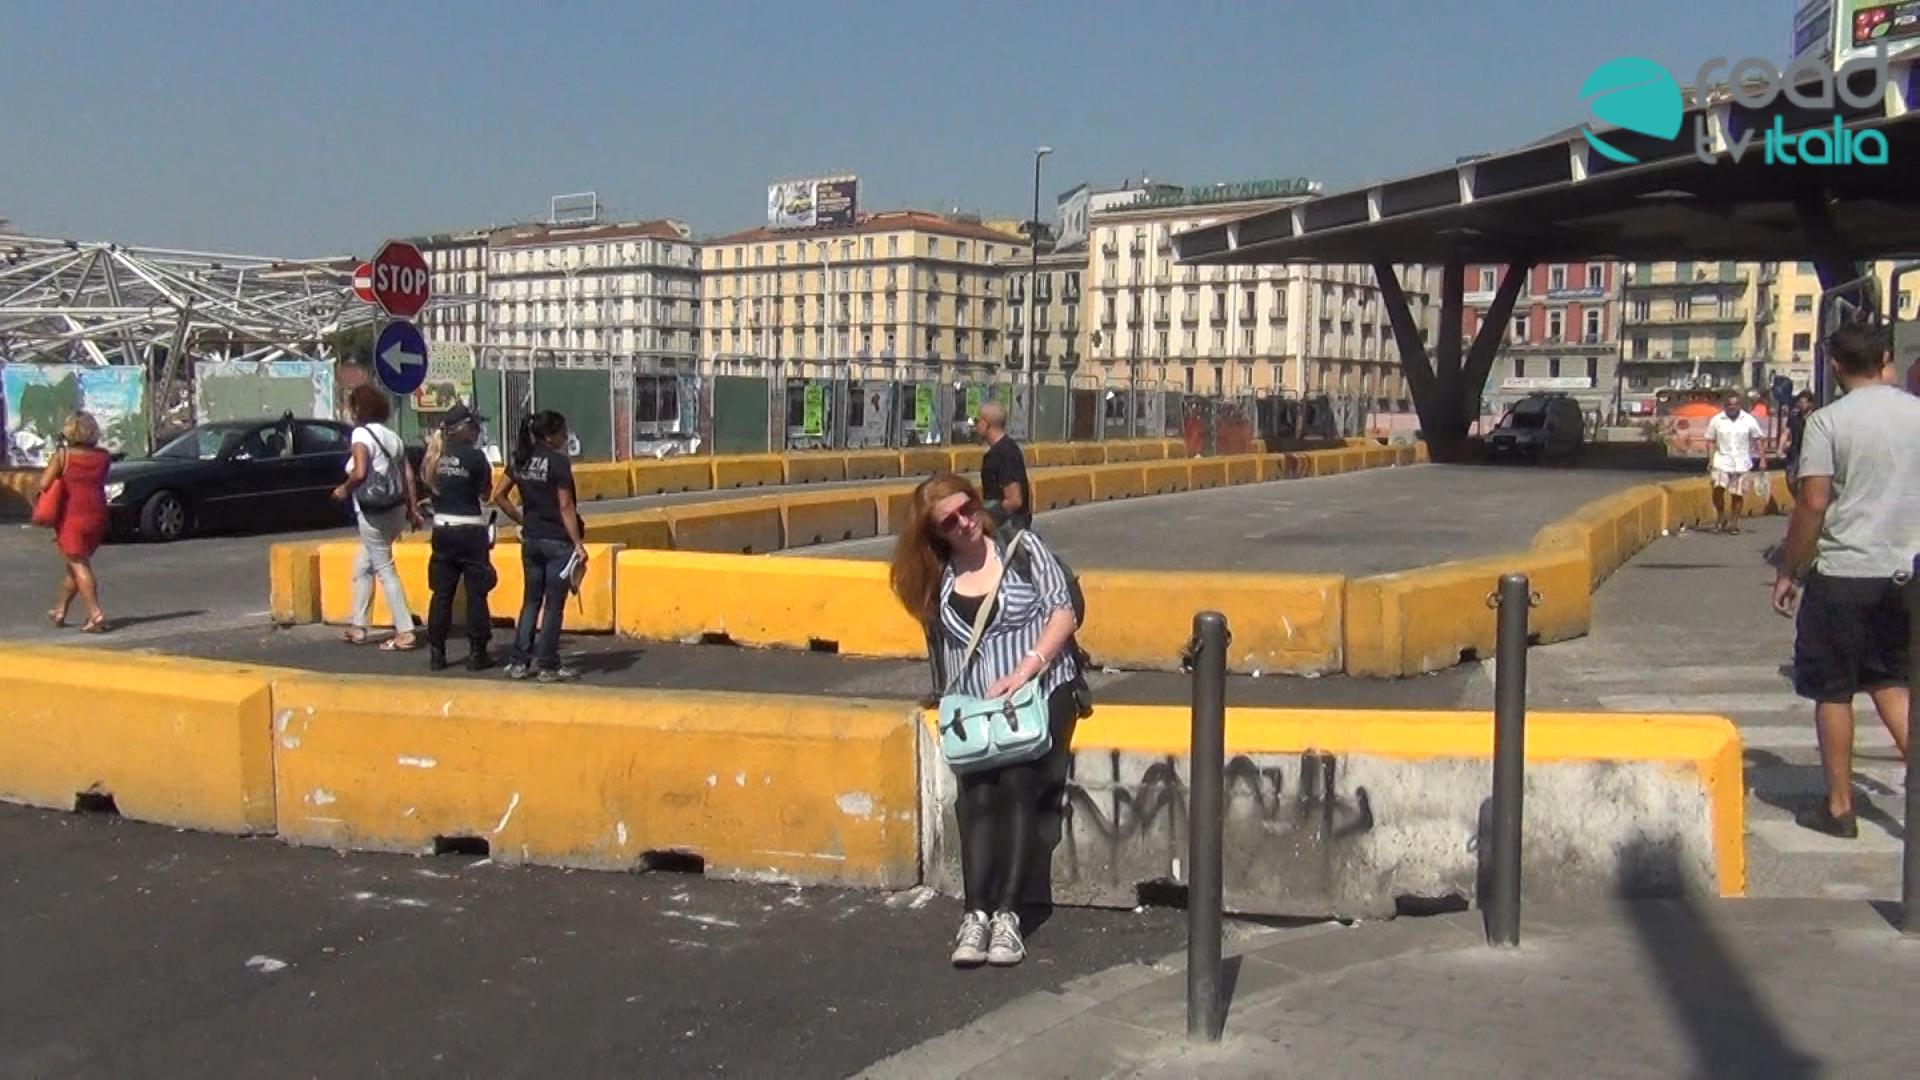 Ztl on the Road - Nuovo dispositivo di traffico in piazza Garibaldi, il punto della situazione (VIDEO)